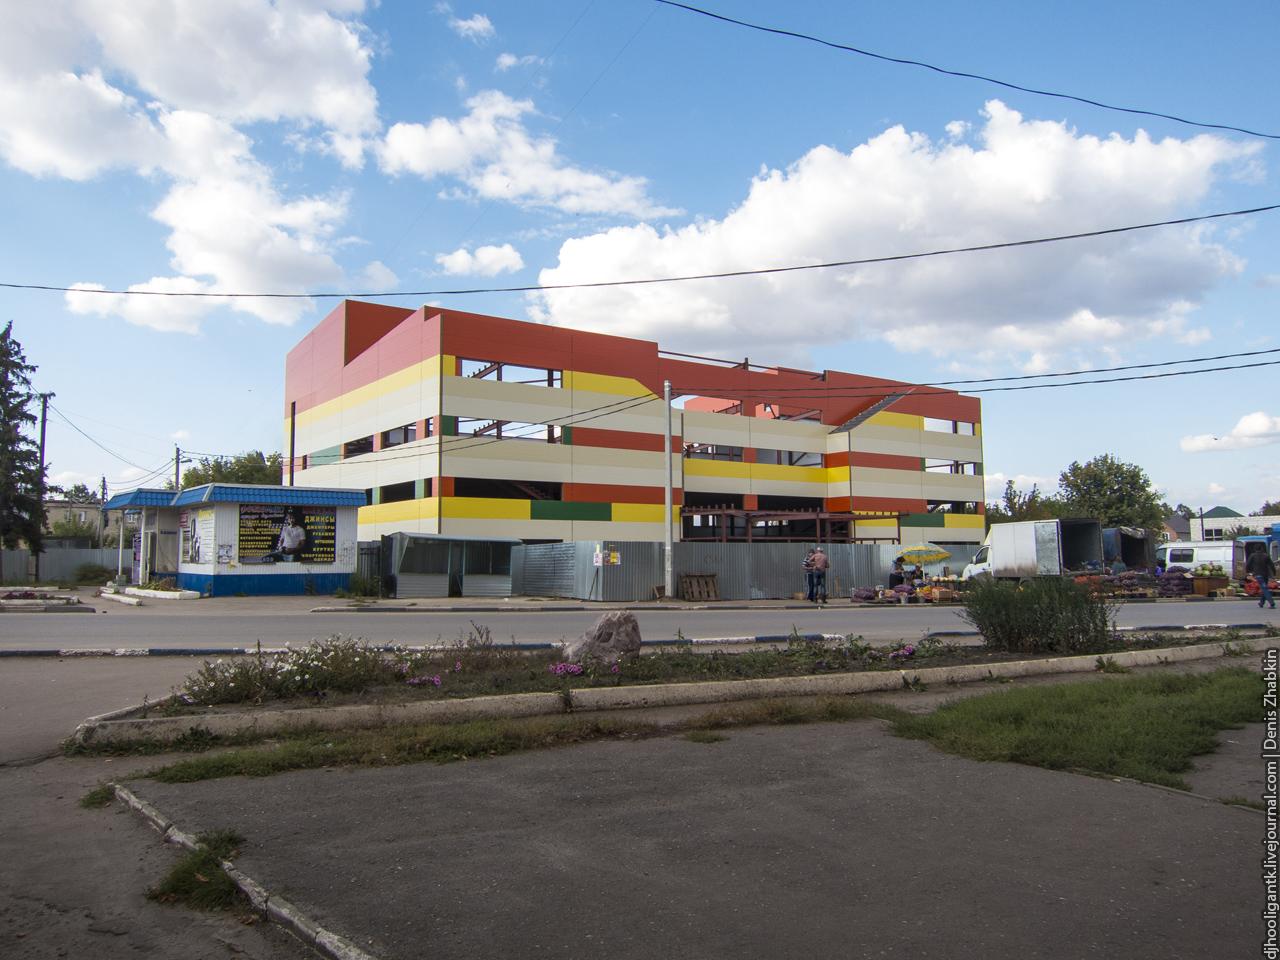 Купить трудовой договор Вольская 2-я улица справку из банка Куликовская улица